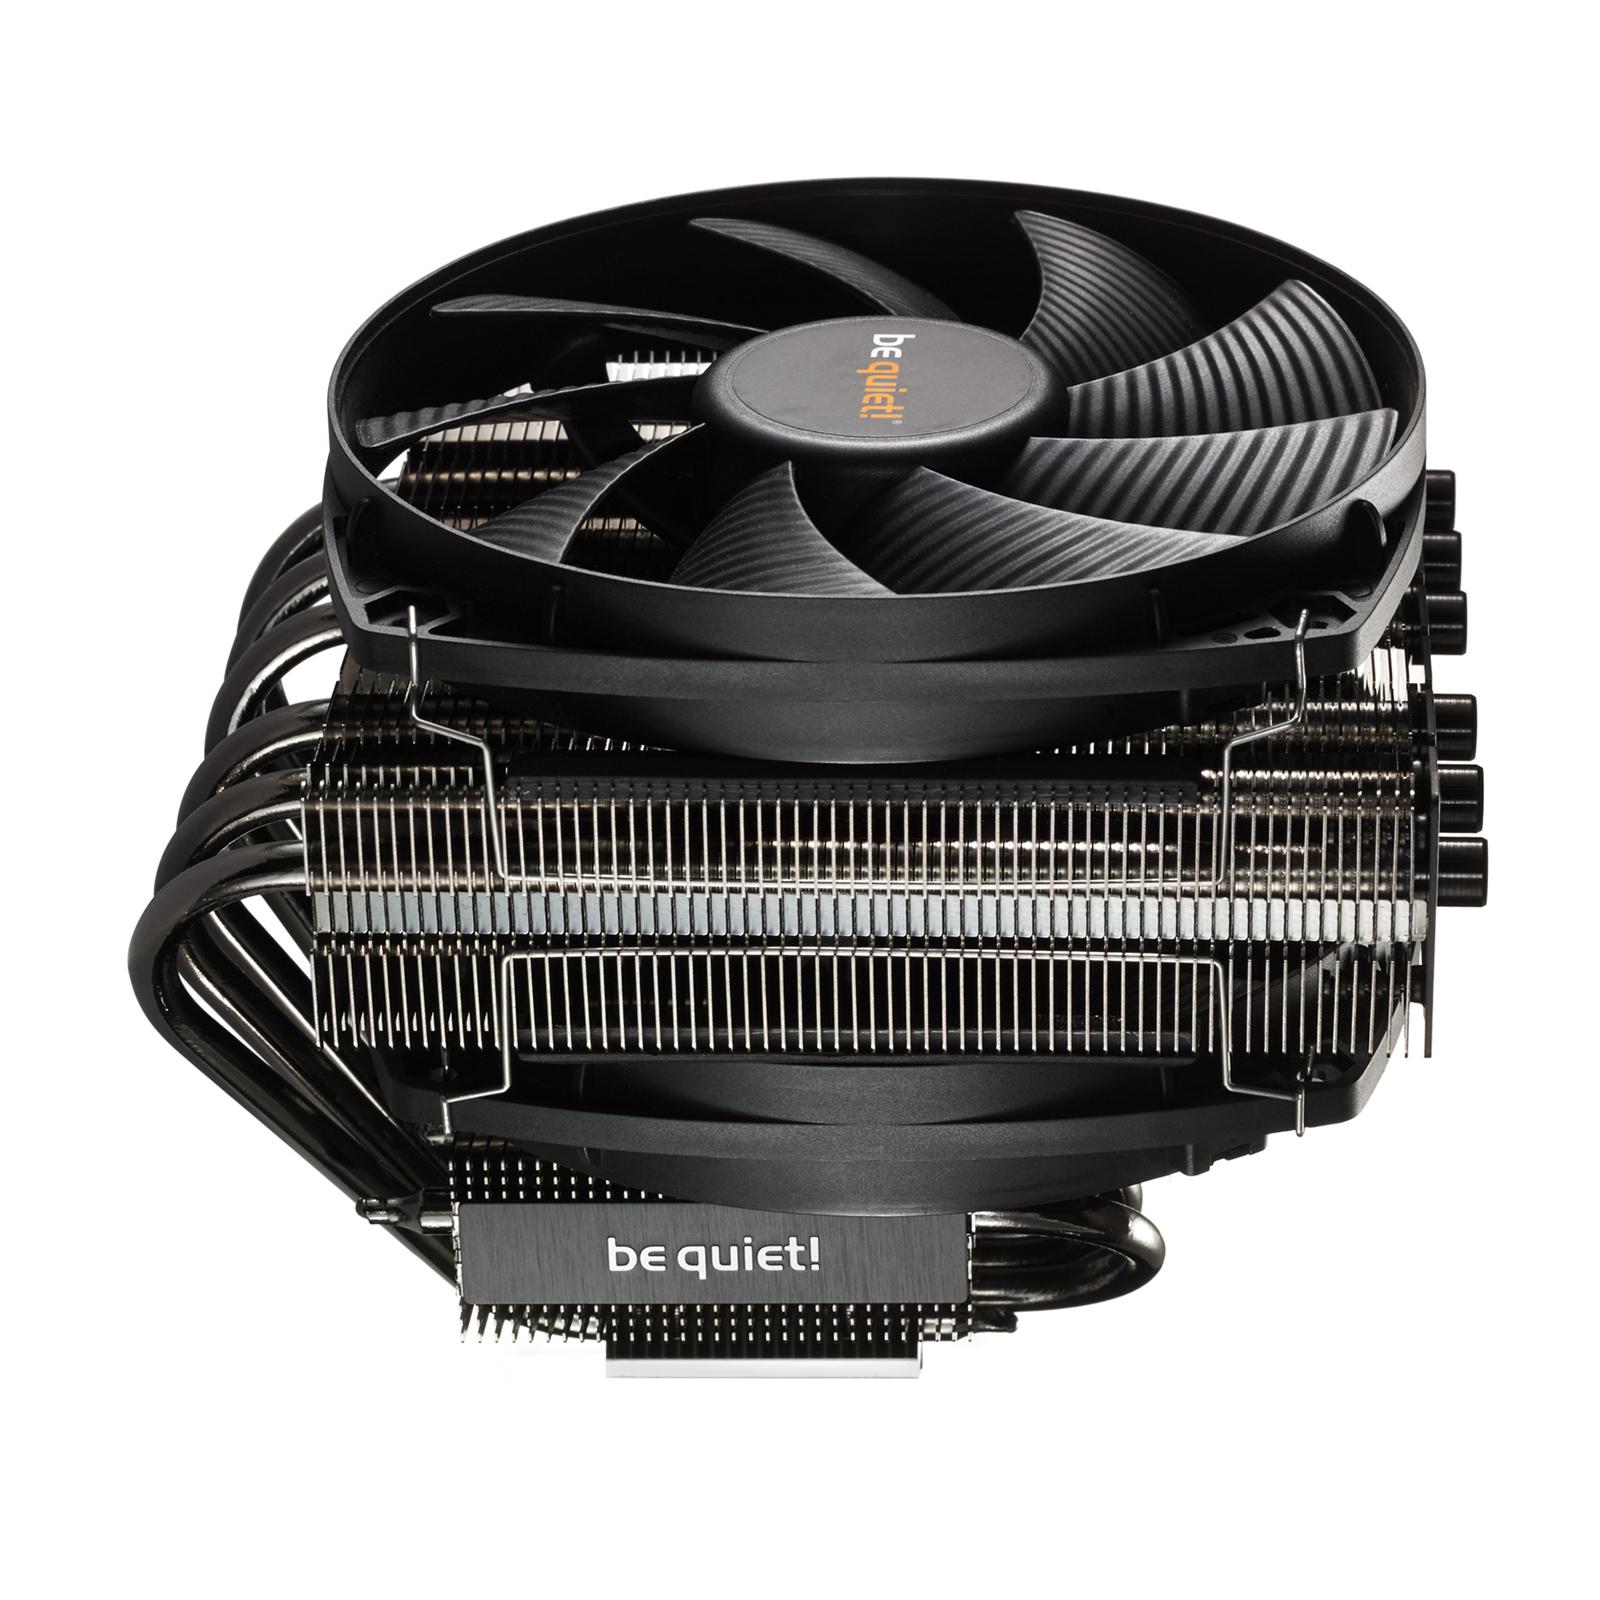 Ventilateur processeur be quiet! Dark Rock TF Ventilateur de processeur (pour Socket AMD AM2/AM2+/AM3/AM3 /FM1/FM2/FM2  et INTEL LGA 775/1150/1151/1155/1156/1366/2011/2011-3/2066) - Garantie constructeur 3 ans